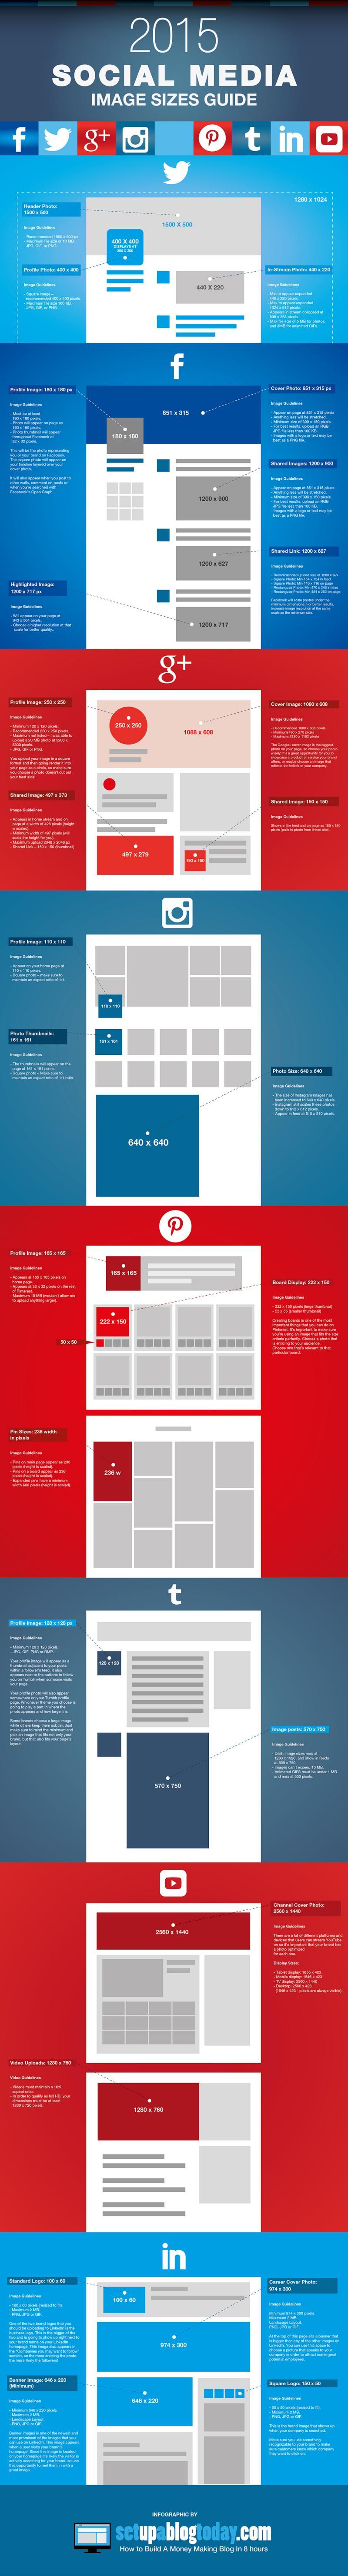 Guía 2015 de tamaños de imágenes para Redes Sociales (infografía)